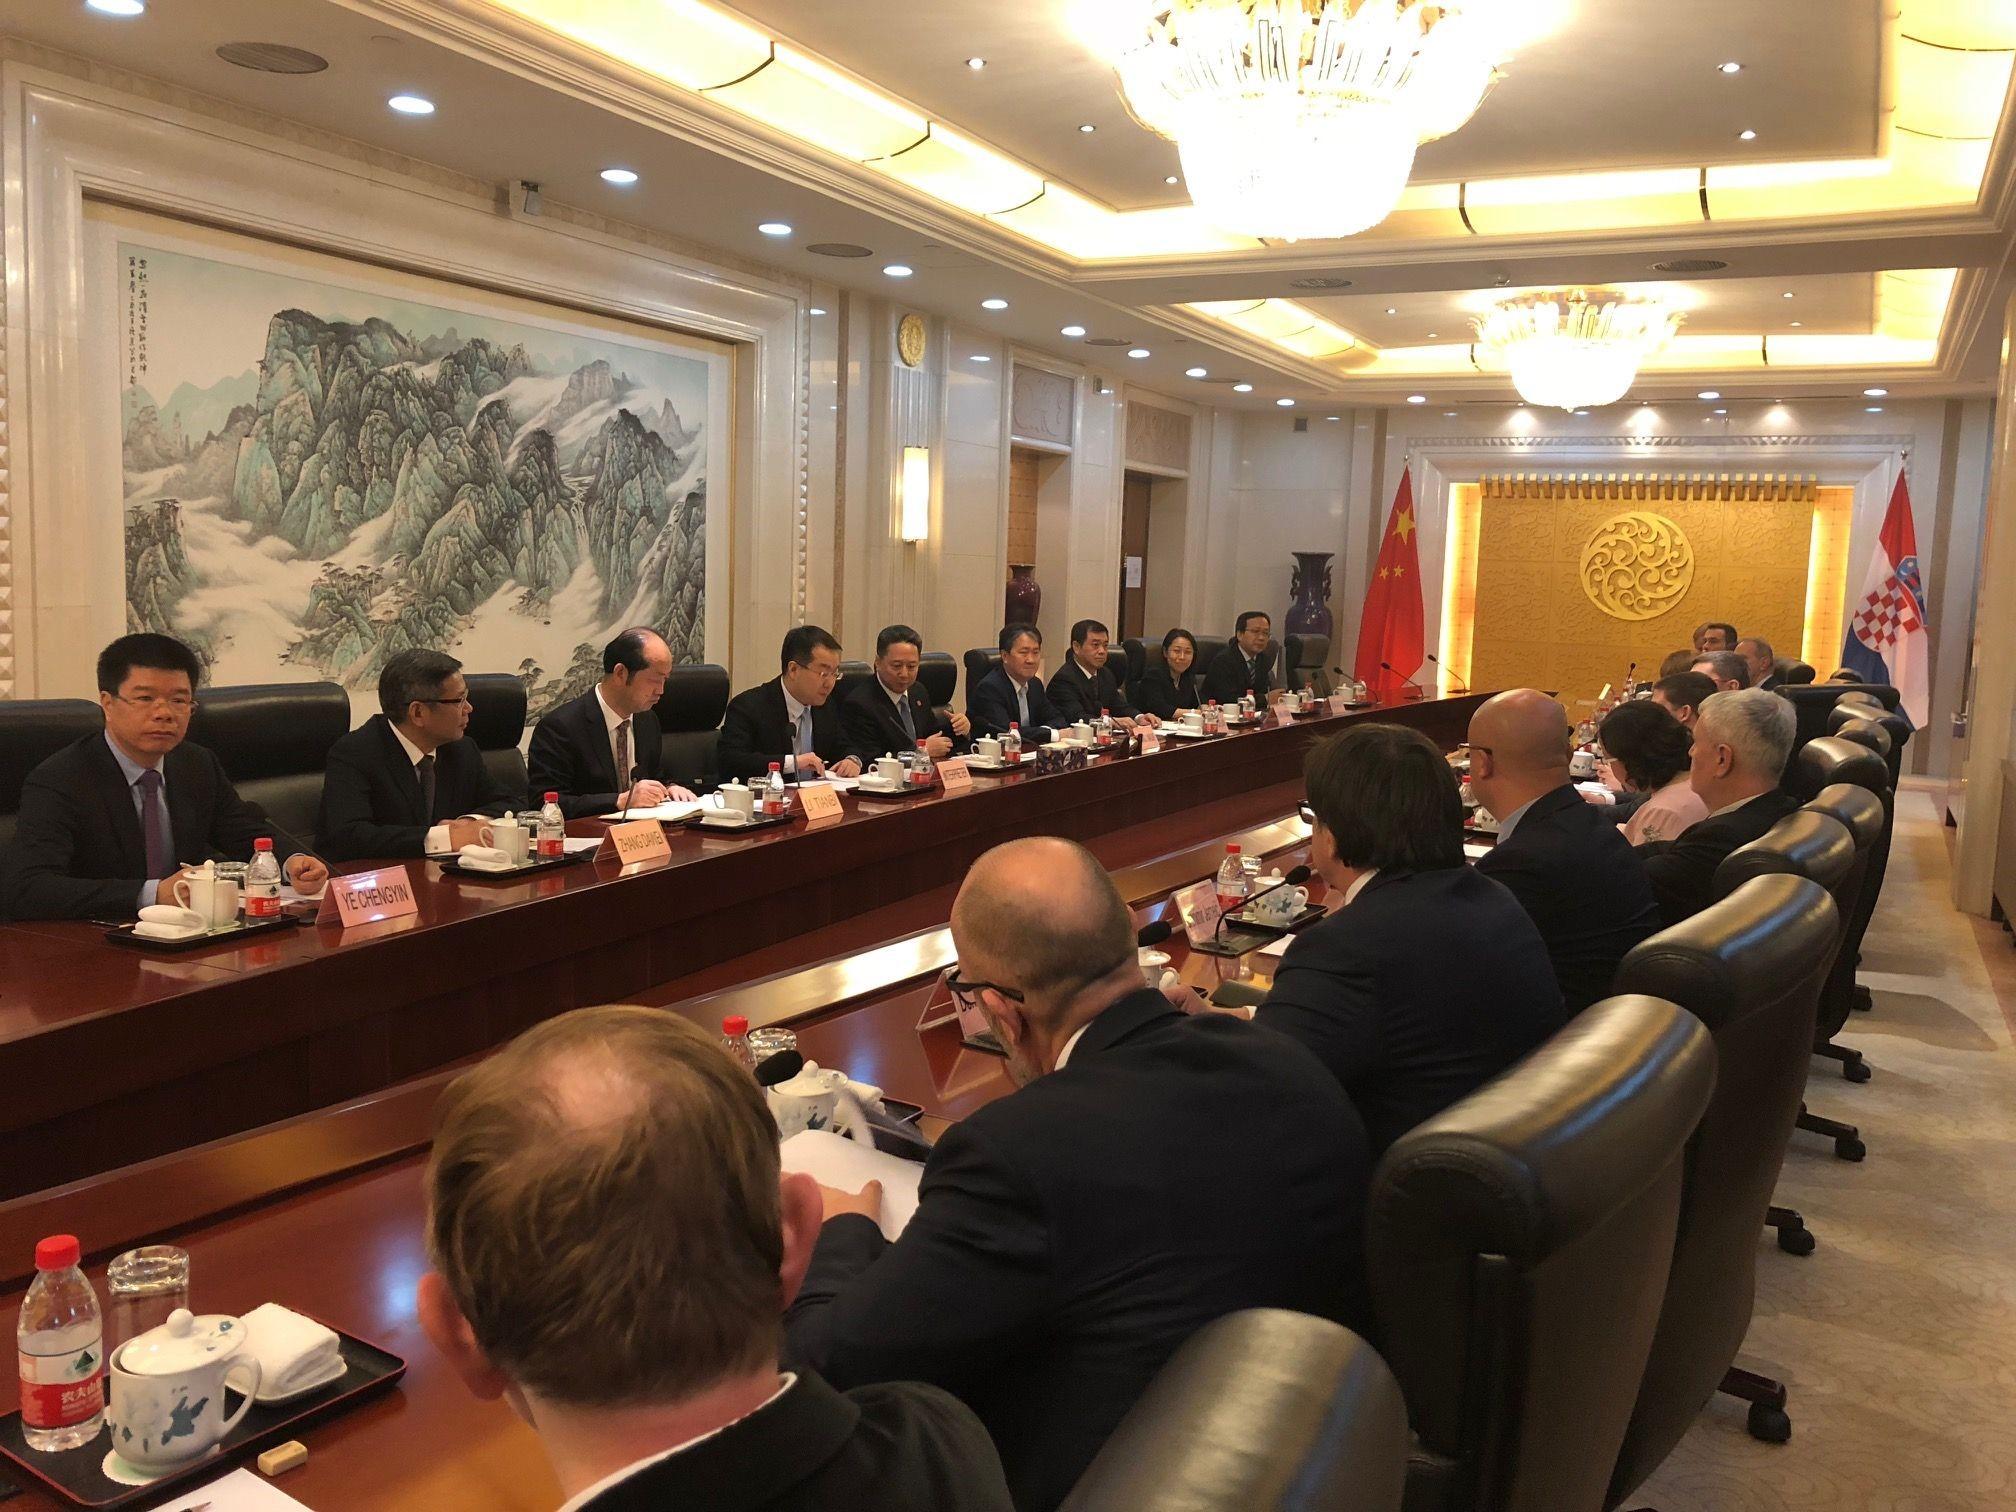 Ministar Butković u Kini predstavlja projekte prometne infrastrukture